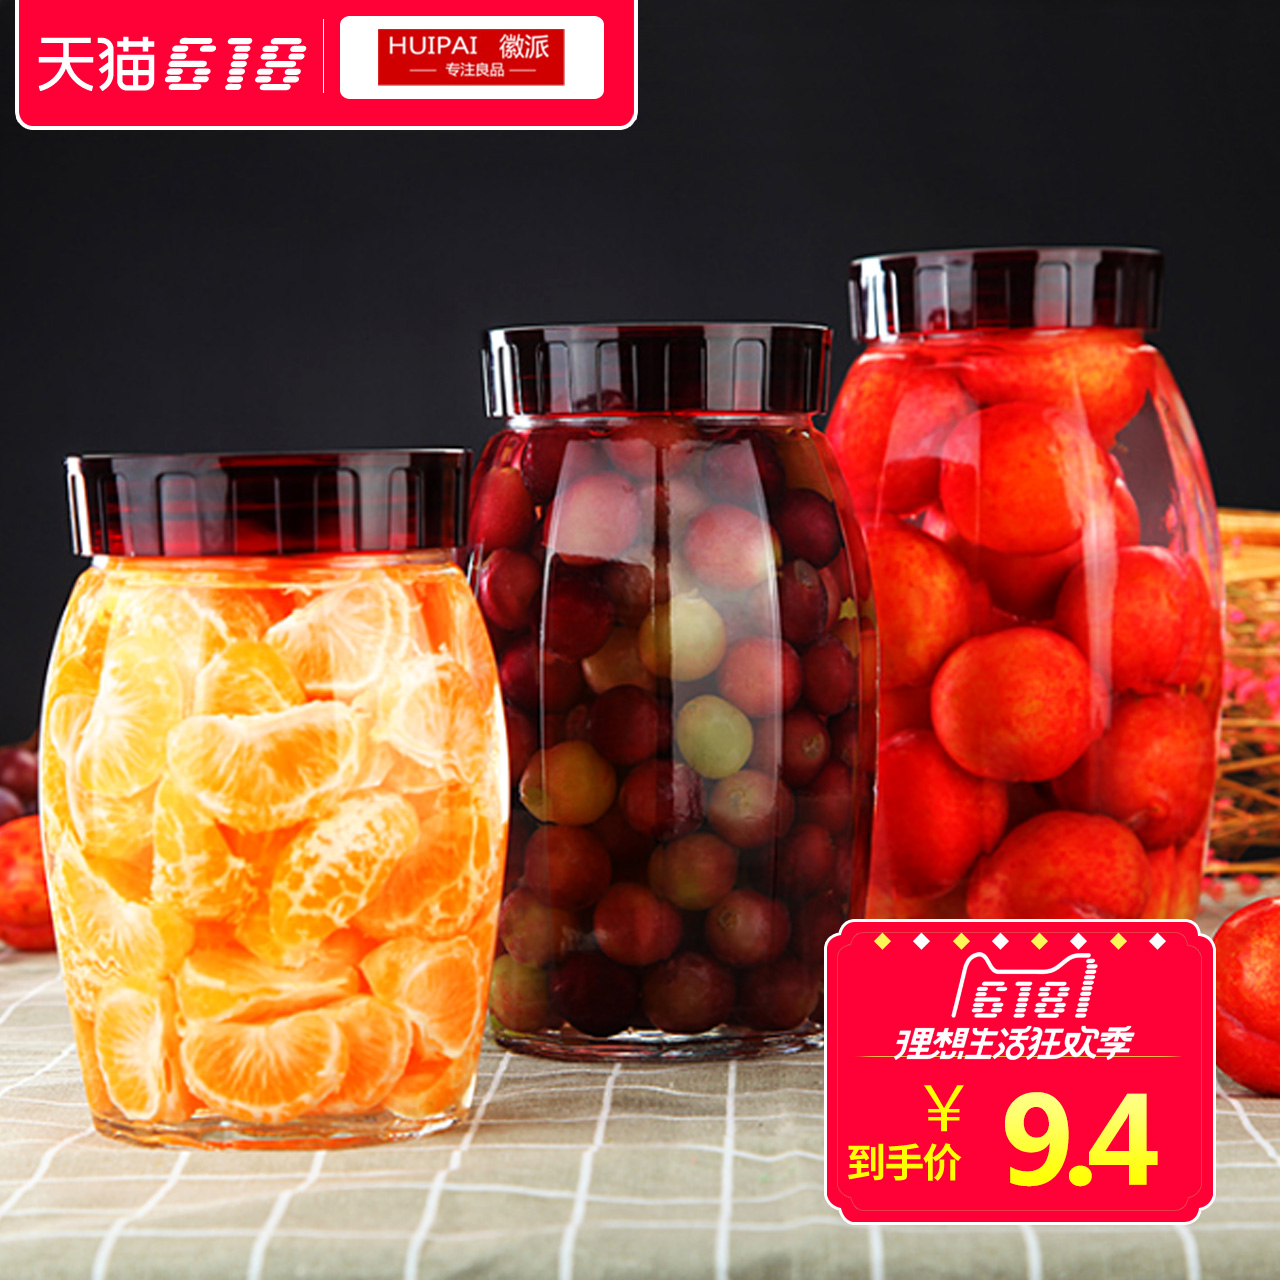 徽派 廚房無鉛玻璃水果酵素瓶密封保鮮罐泡菜罈子酸菜罐鹹菜瓶